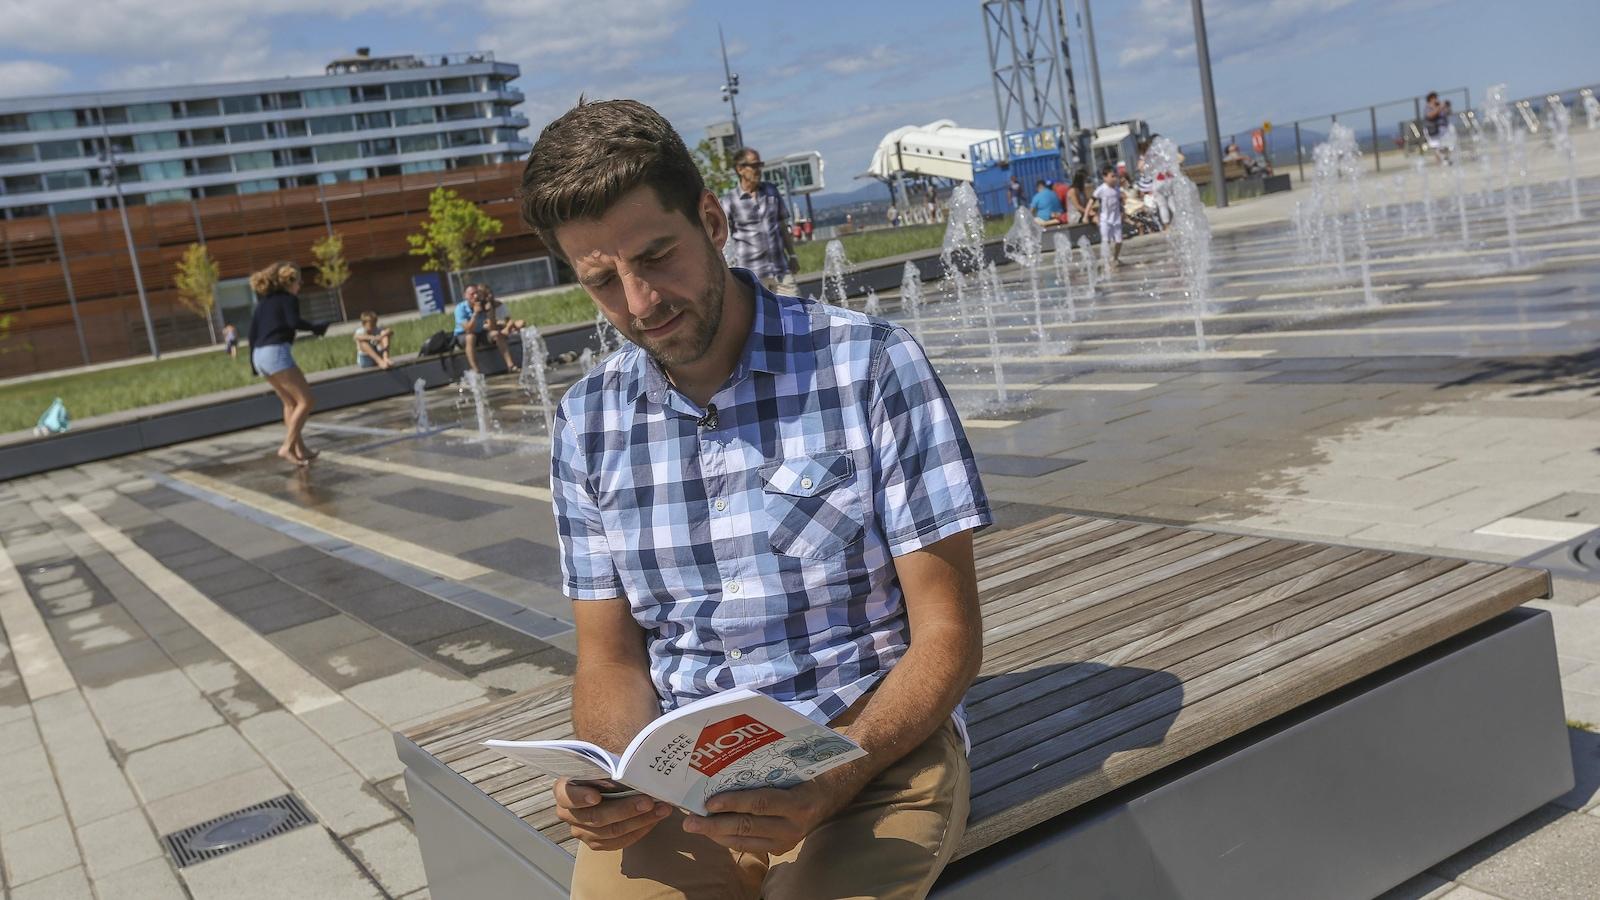 Au centre d'une photo, un homme qu'on voit de face lit un livre. Il faut son autorisation pour publier